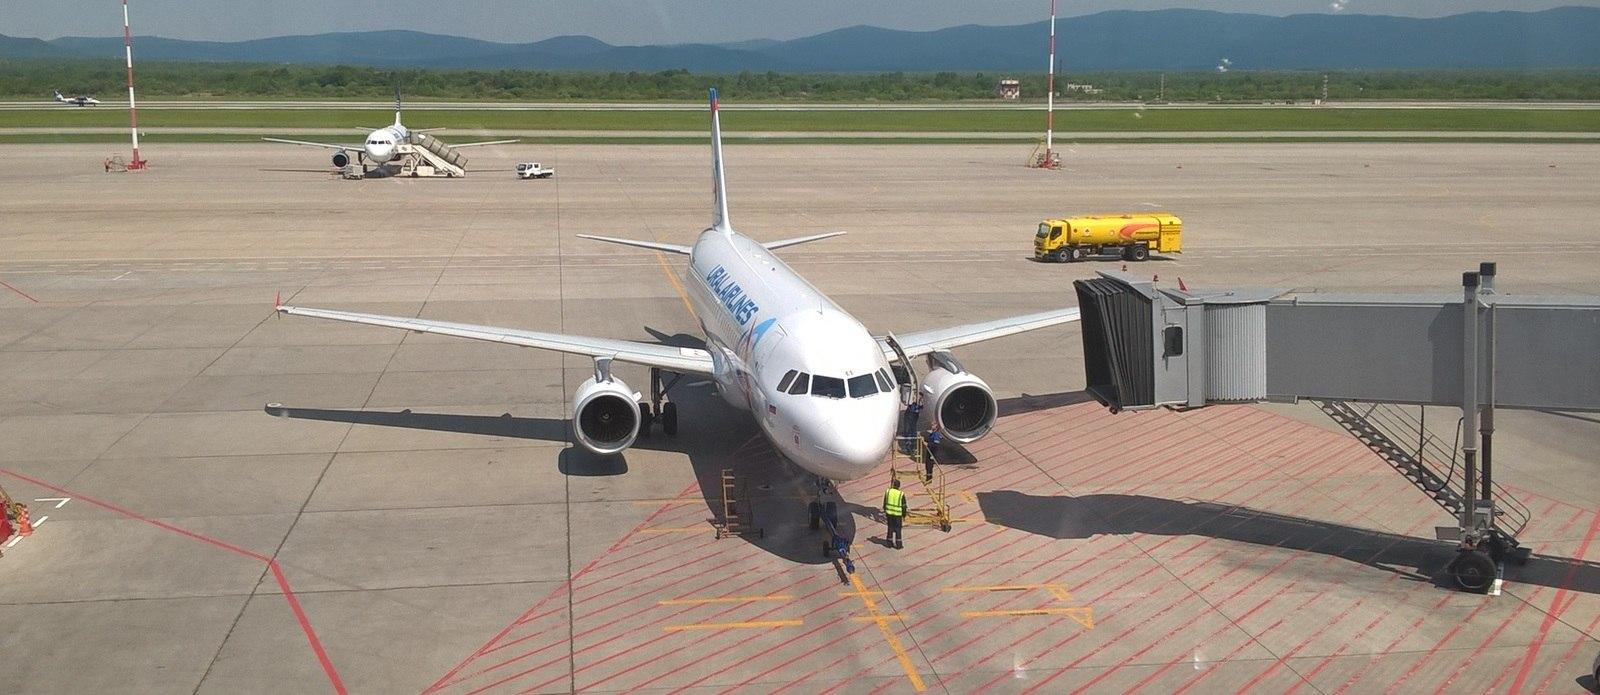 Что случилось с ценами на авиабилеты?